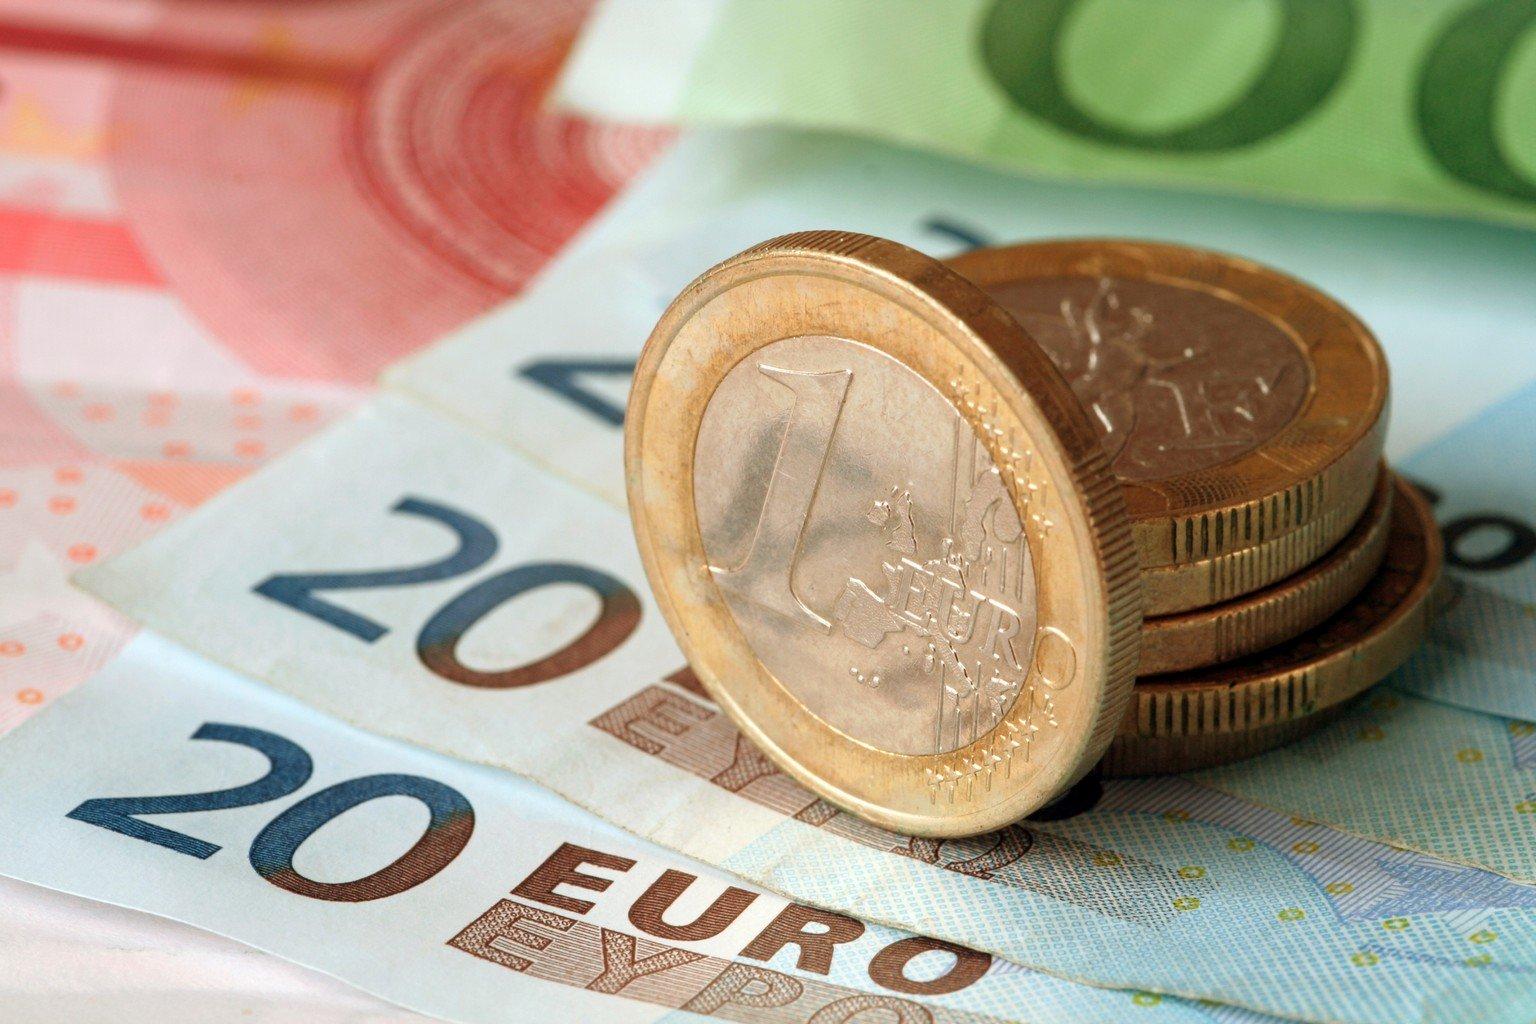 فرص تداول اليورو حسب قرارات المركزي الأوروبي - 19 يناير